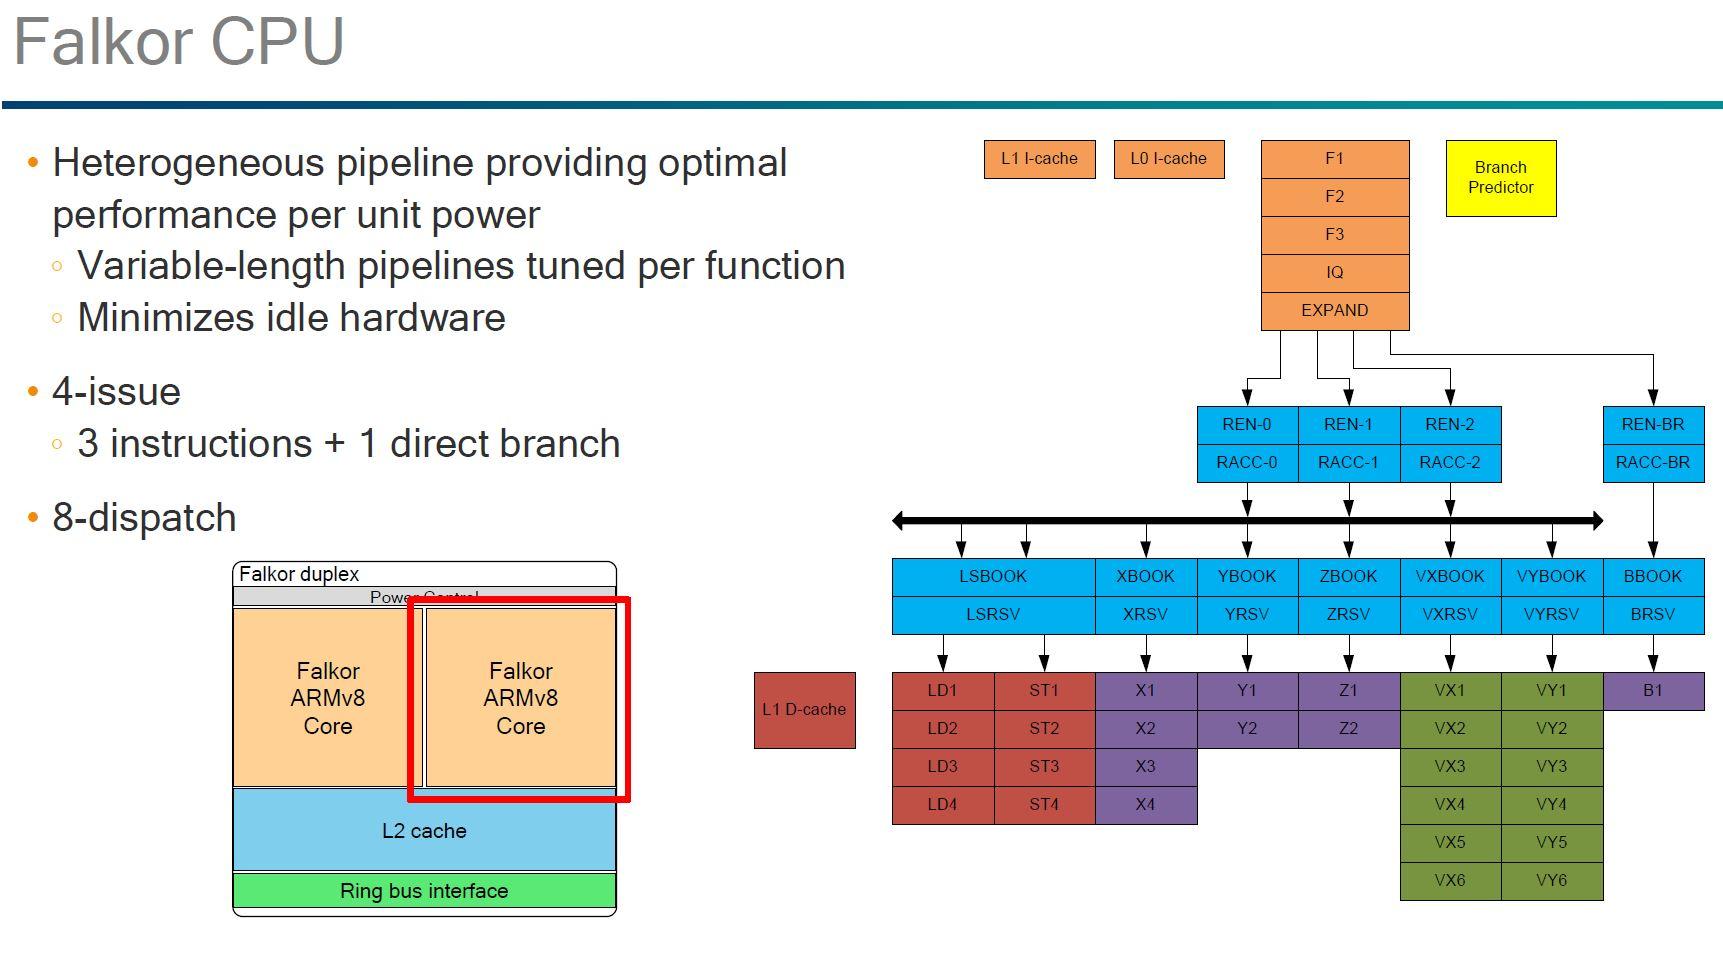 Qualcomm Falkor CPU Core